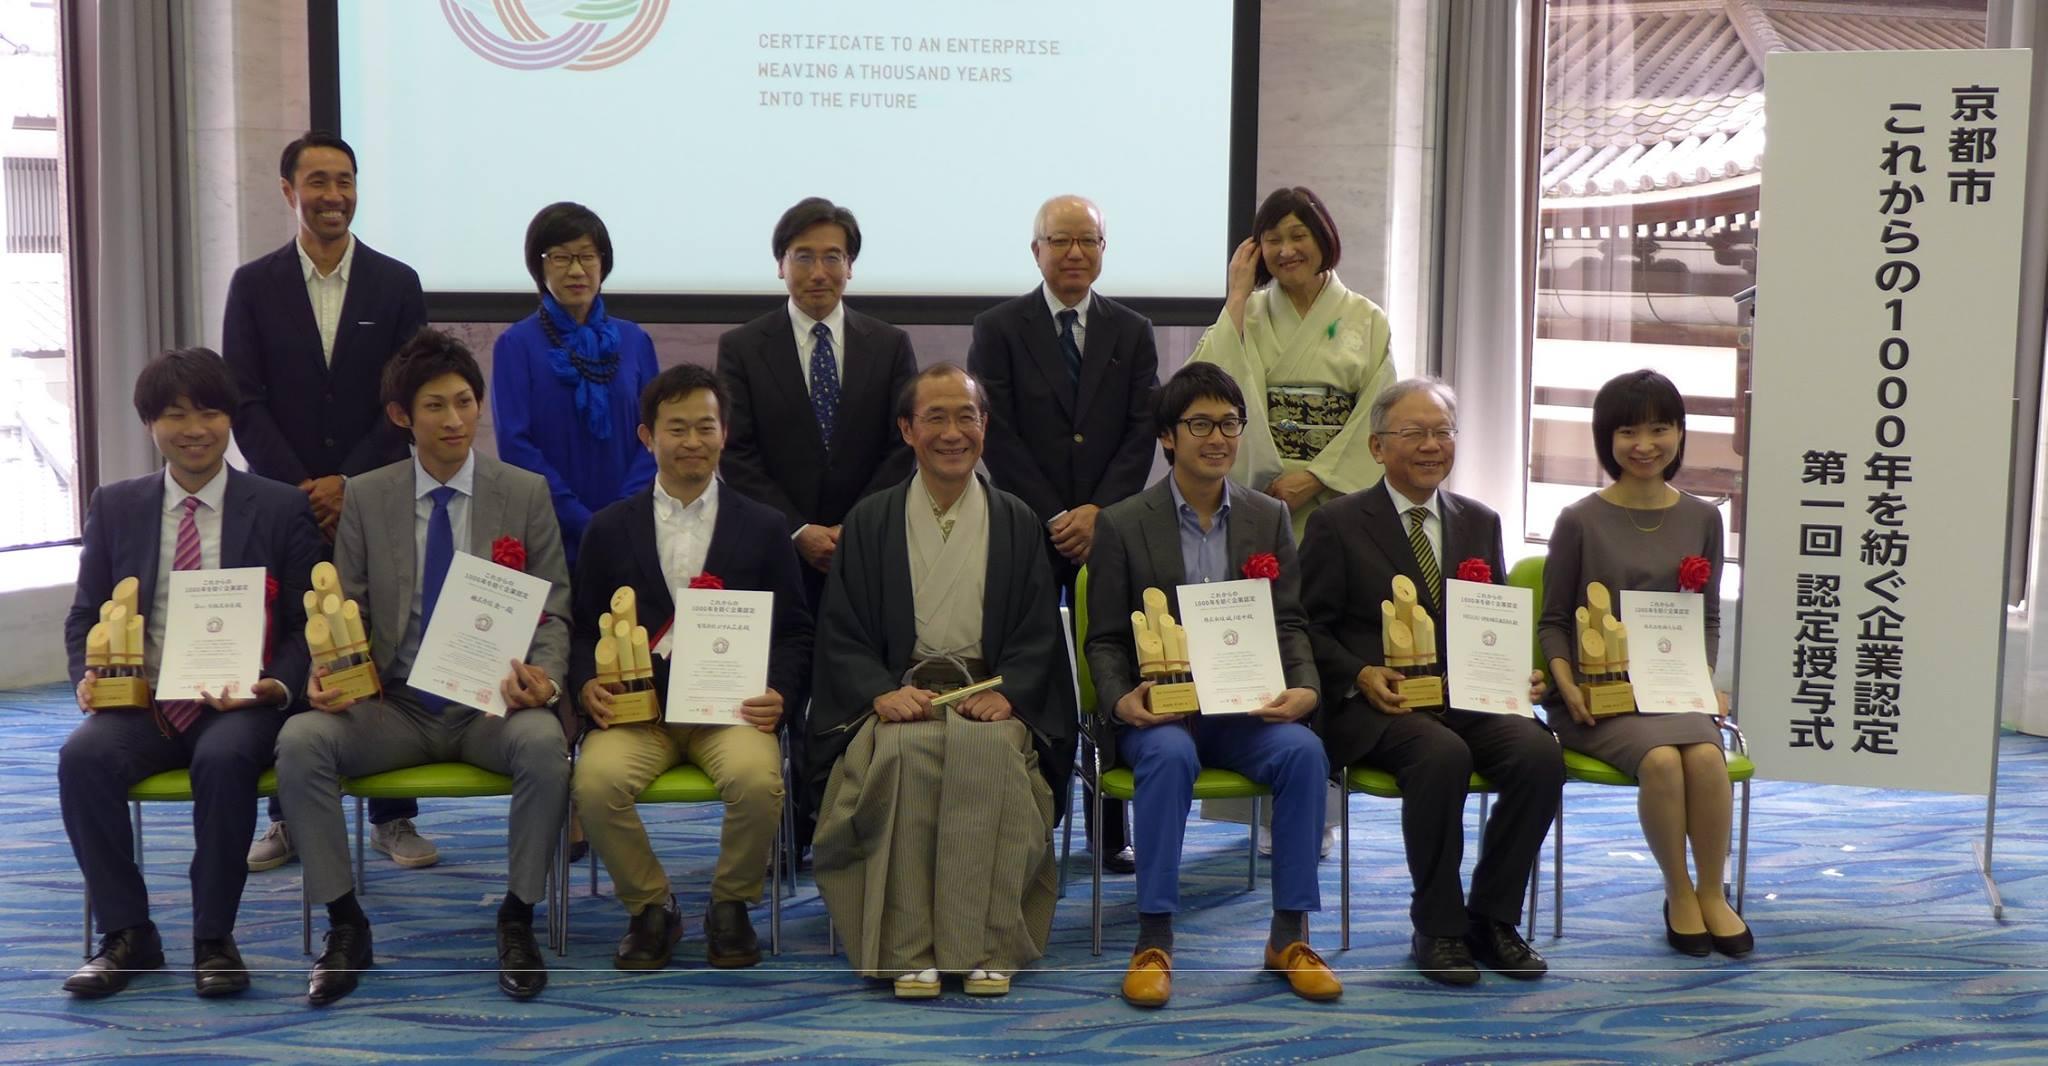 京都市これからの1000年を紡ぐ企業認定